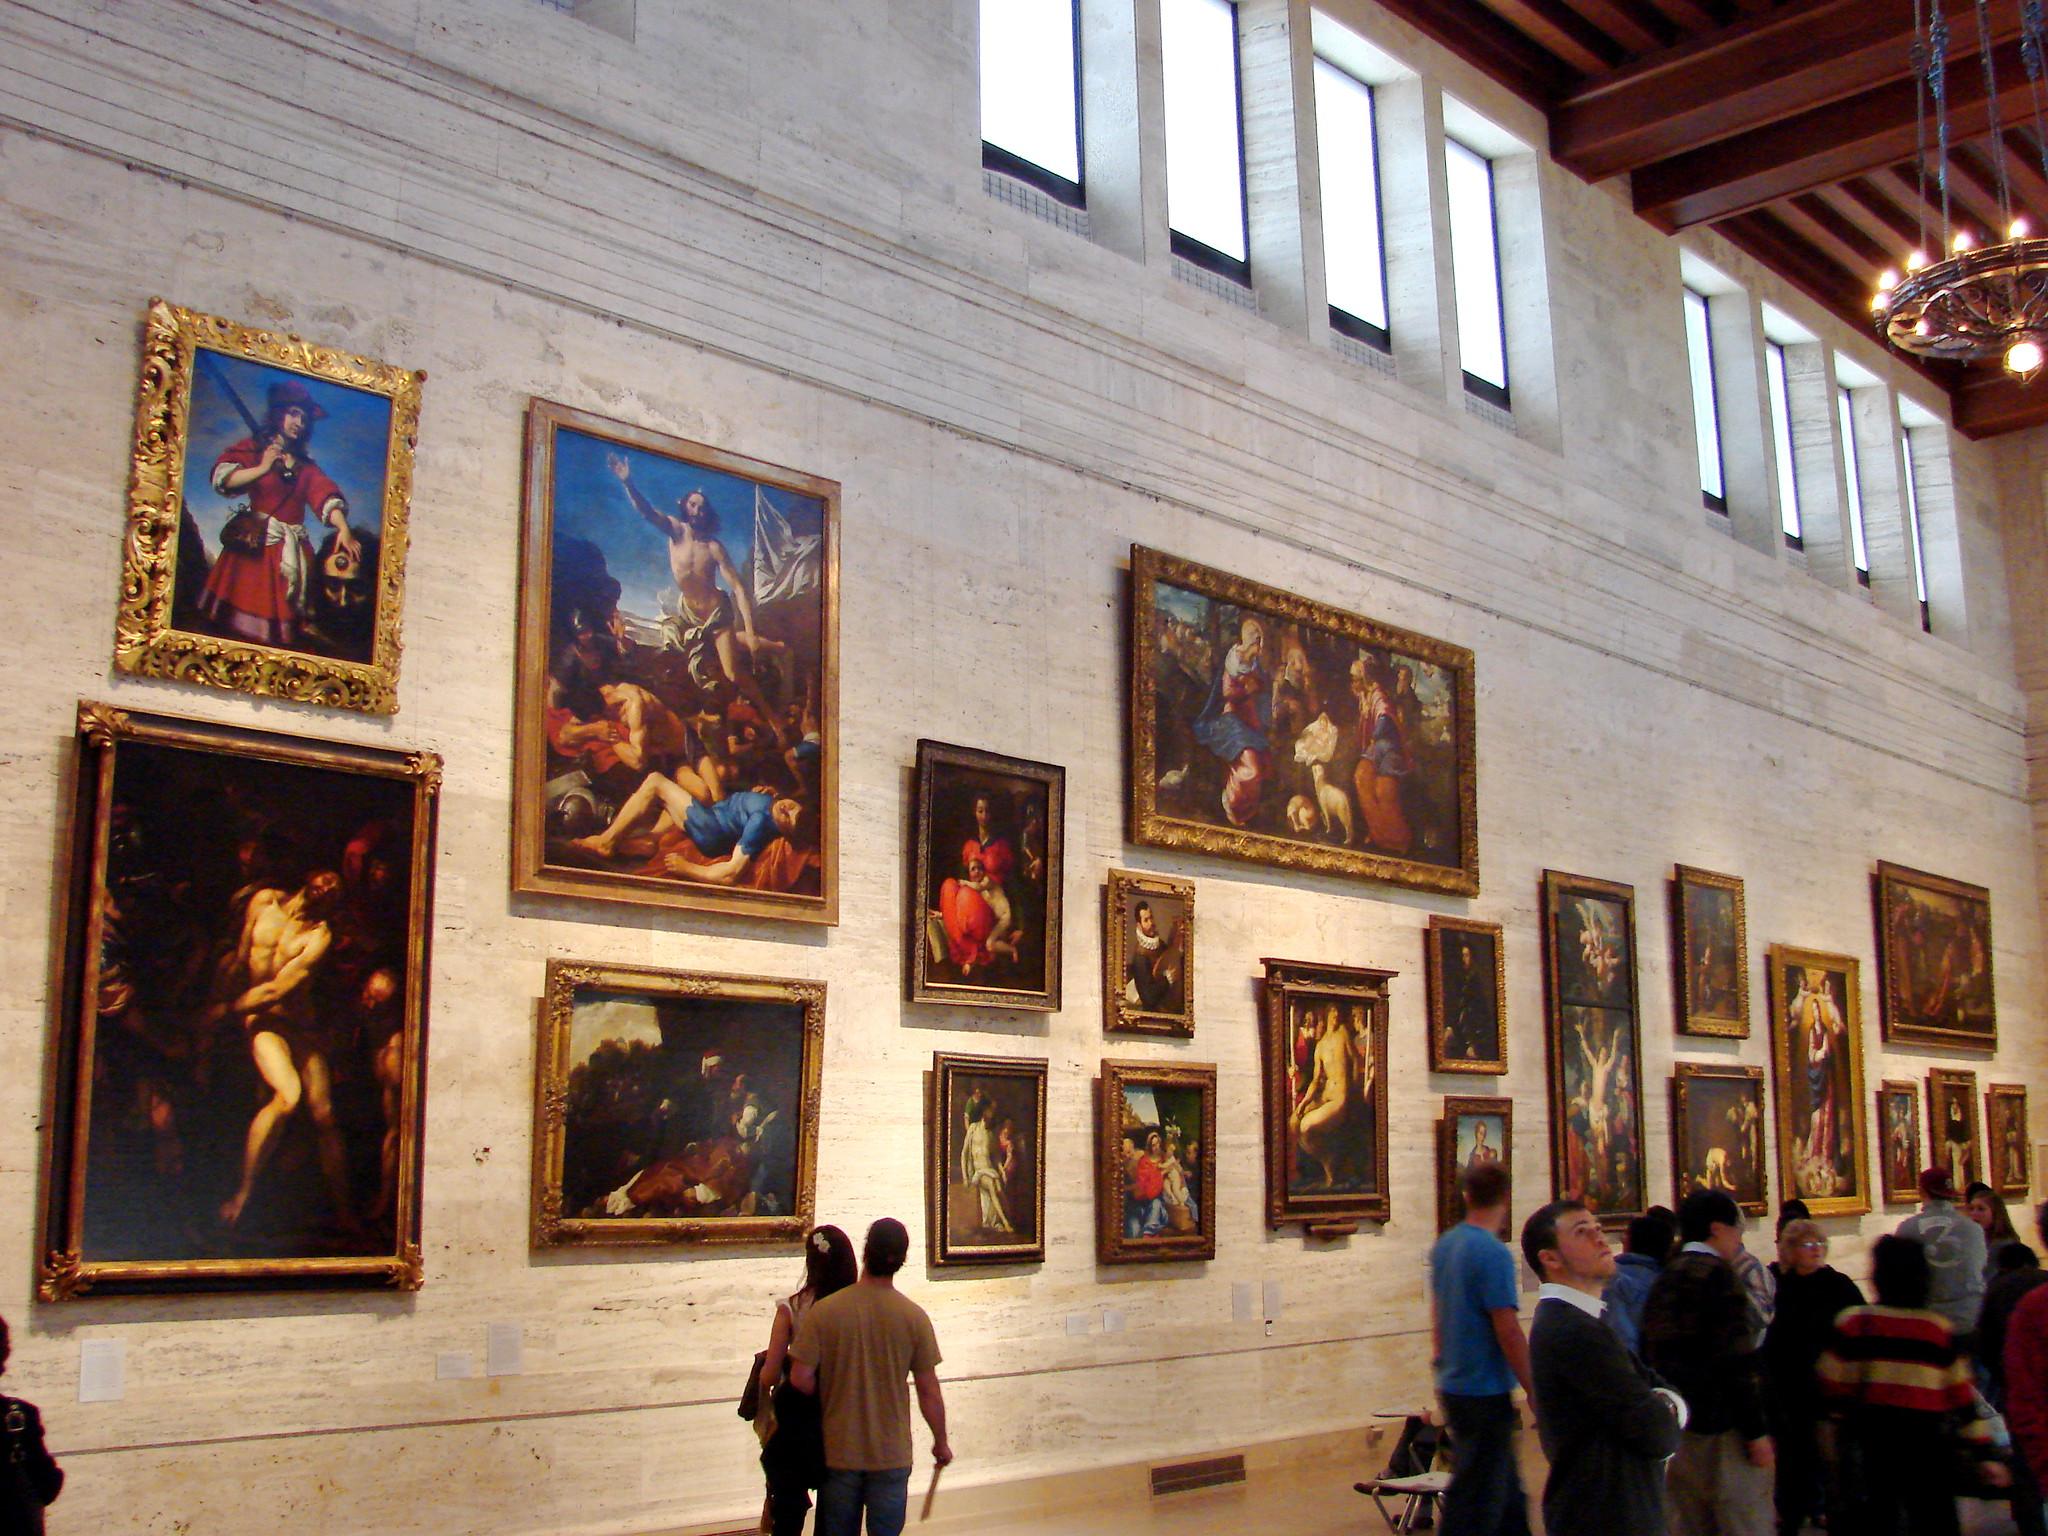 2008-03-22 03-23 Boston 093 Museum of Fine Arts